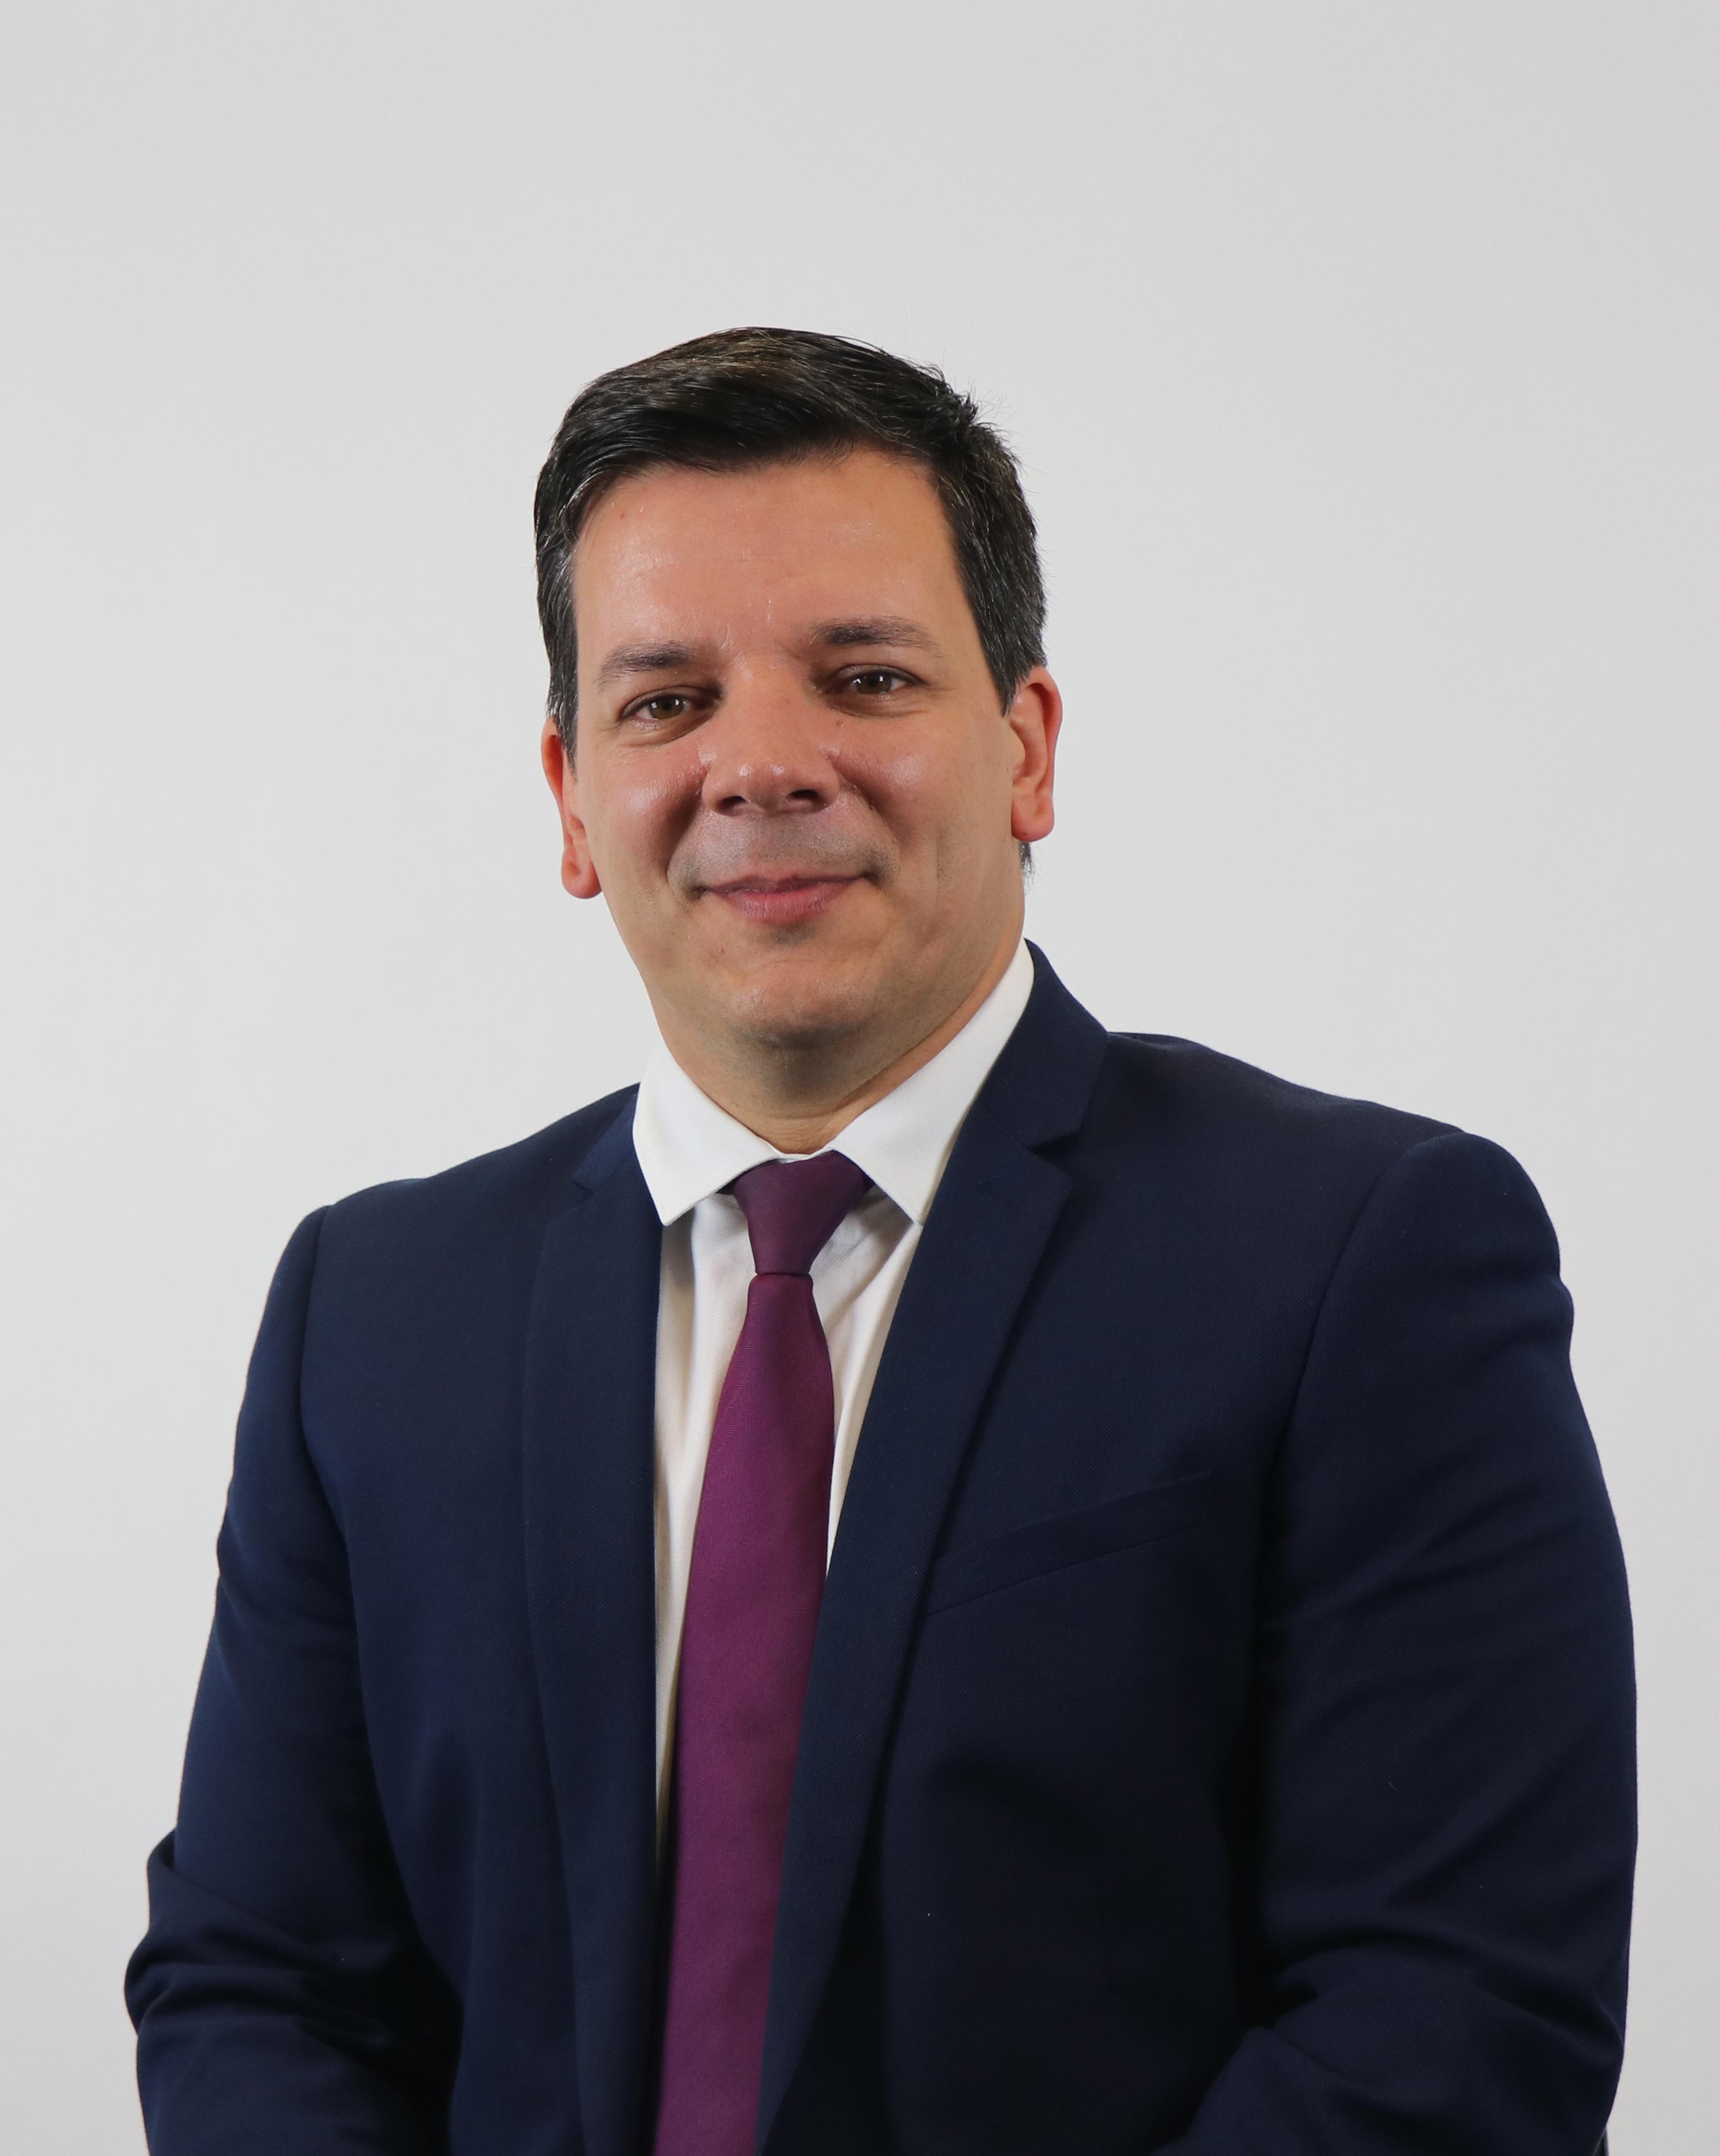 Pedro Furtado